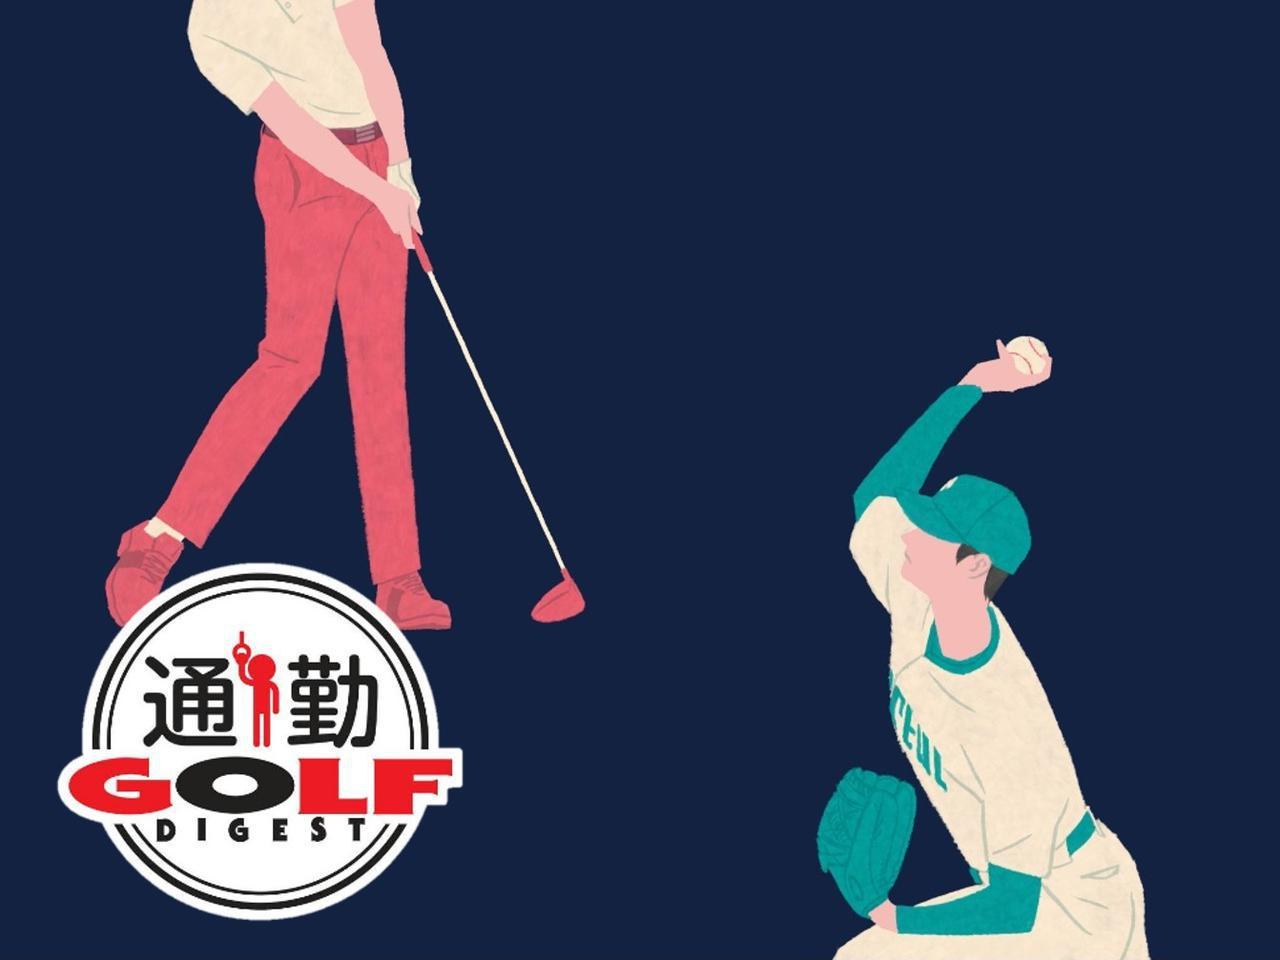 画像: 【通勤GD】Dr.クォンの反力打法 Vol.39  疑うべきは柔軟性より連動性 ゴルフダイジェストWEB - ゴルフへ行こうWEB by ゴルフダイジェスト